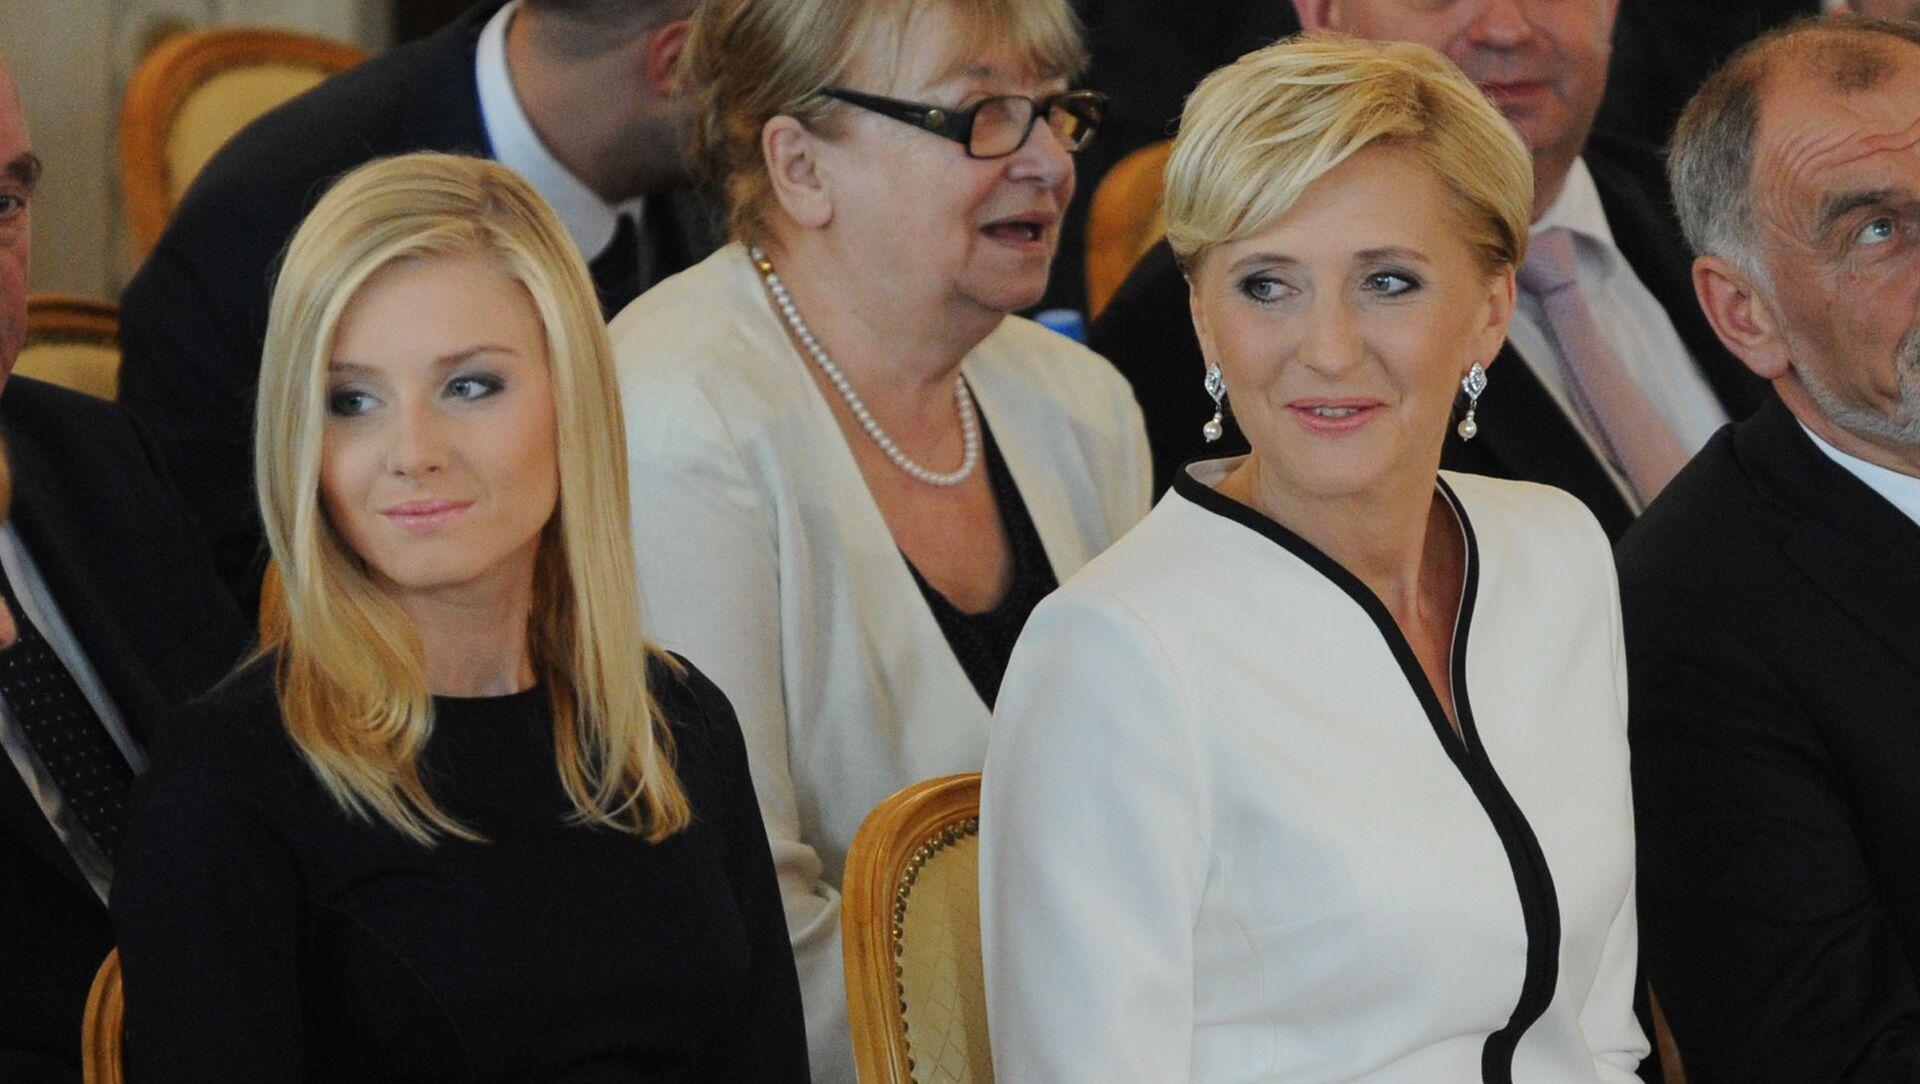 Pierwsza dama Polski Agata Kornhauser-Duda z córką Kingą Dudą na ceremonii inauguracji - Sputnik Polska, 1920, 14.06.2021